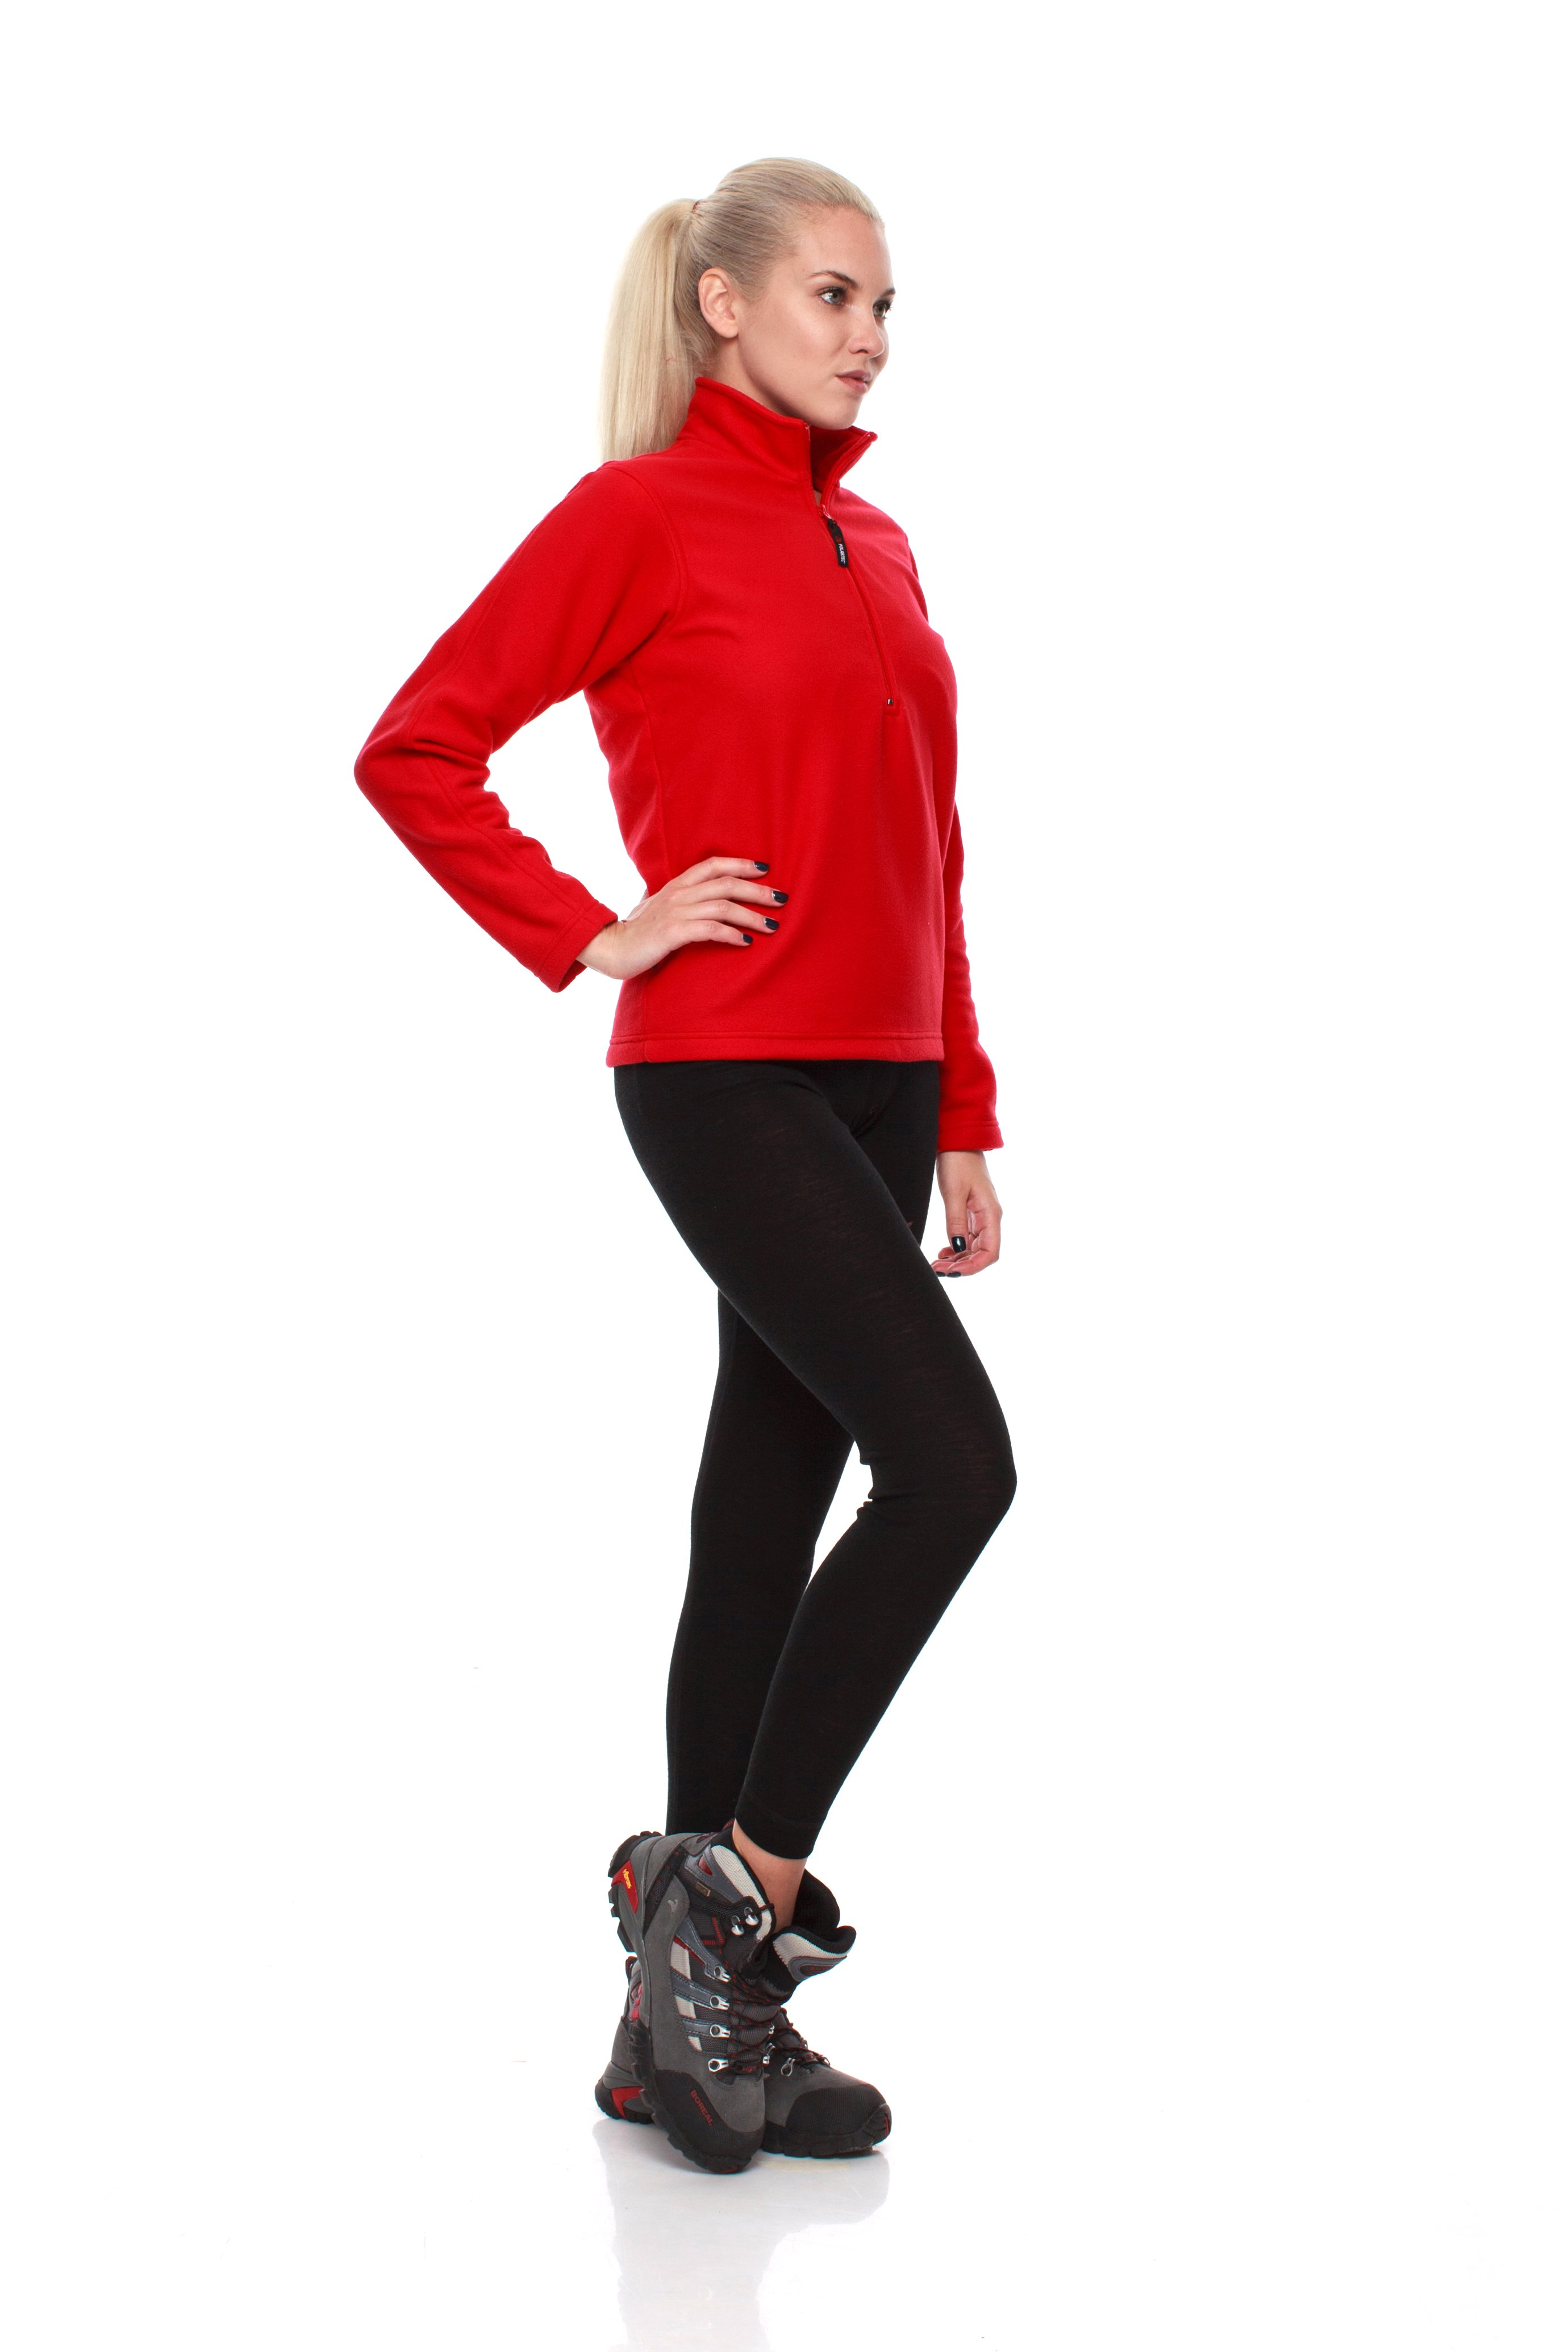 Куртка BASK SCORPIO LJ V2 z1217bЖенский пуловер из тонкой, мягкой и приятной для кожи ткани. Может использоваться как нижний слой в одежде.<br><br>Ветрозащитная планка: Нет<br>Пол: Жен.<br>Регулировка вентиляции: Нет<br>Регулировка низа: Нет<br>Регулируемые вентиляционные отверстия: Нет<br>Усиление контактных зон: Нет<br>Размер INT: S<br>Цвет: СИНИЙ